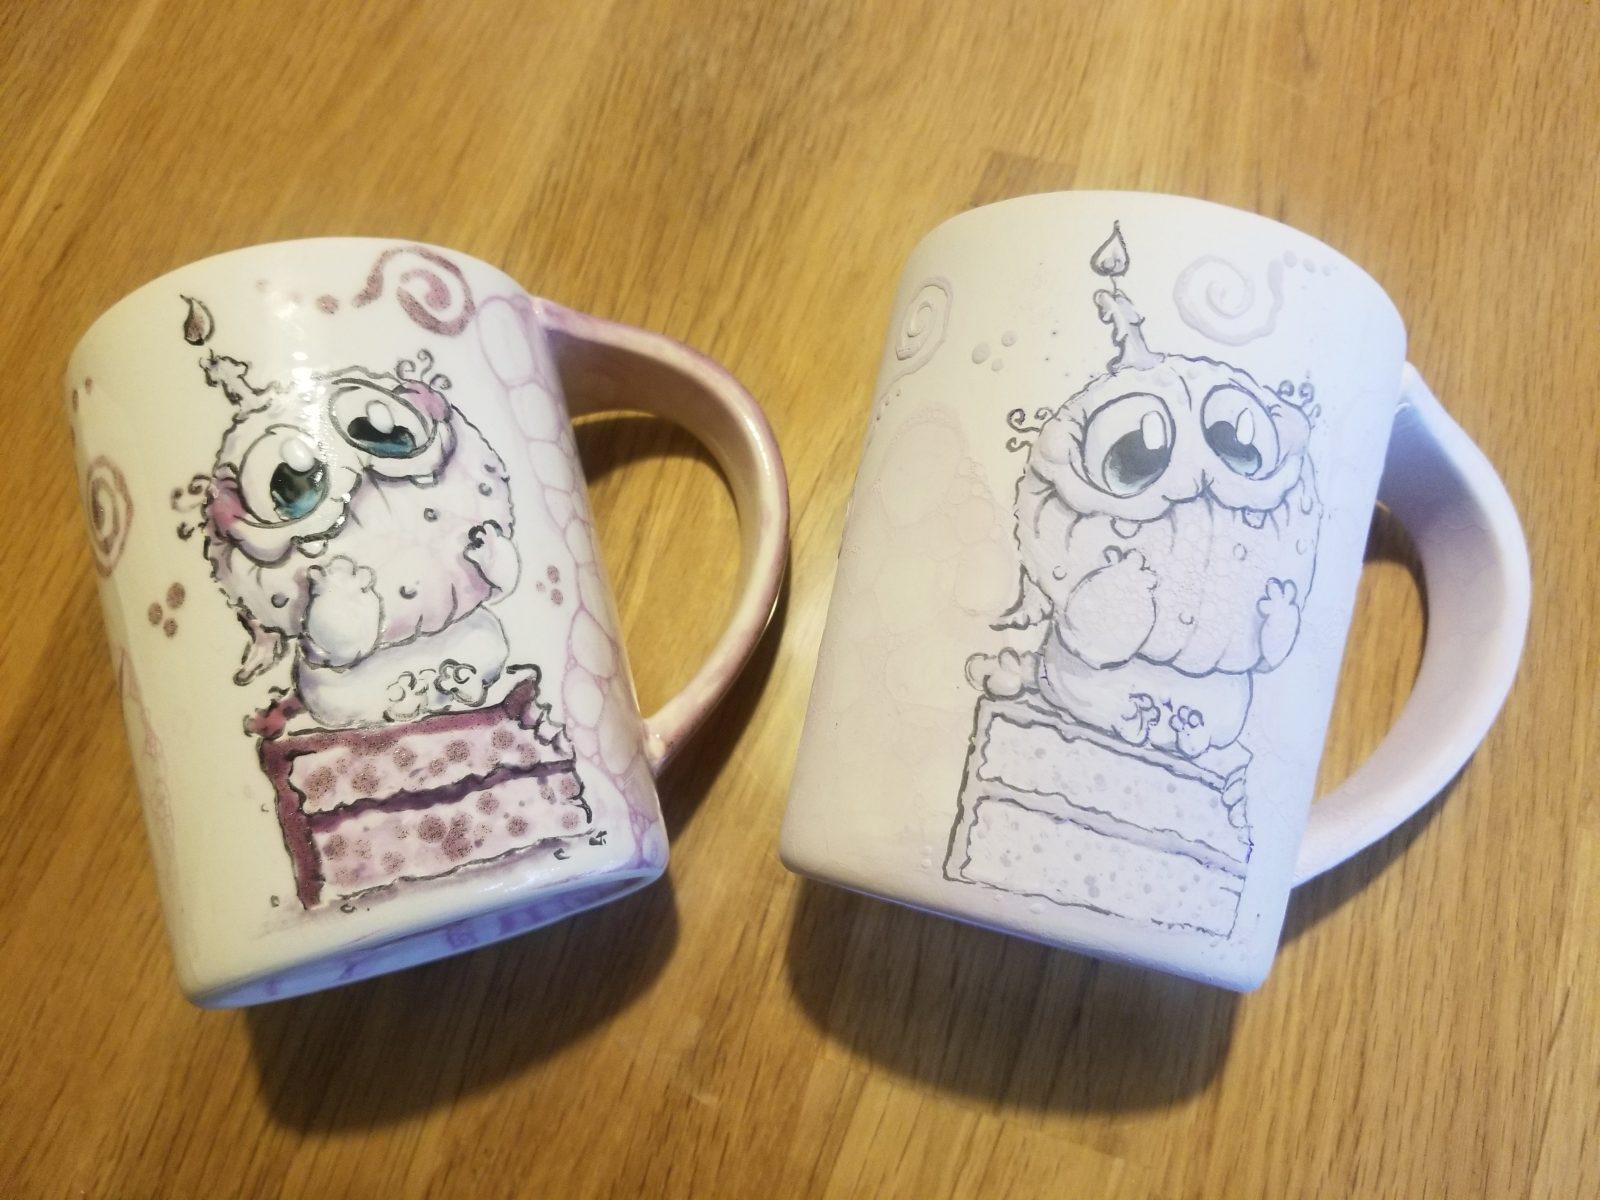 Keramik vor und nach dem Brennen